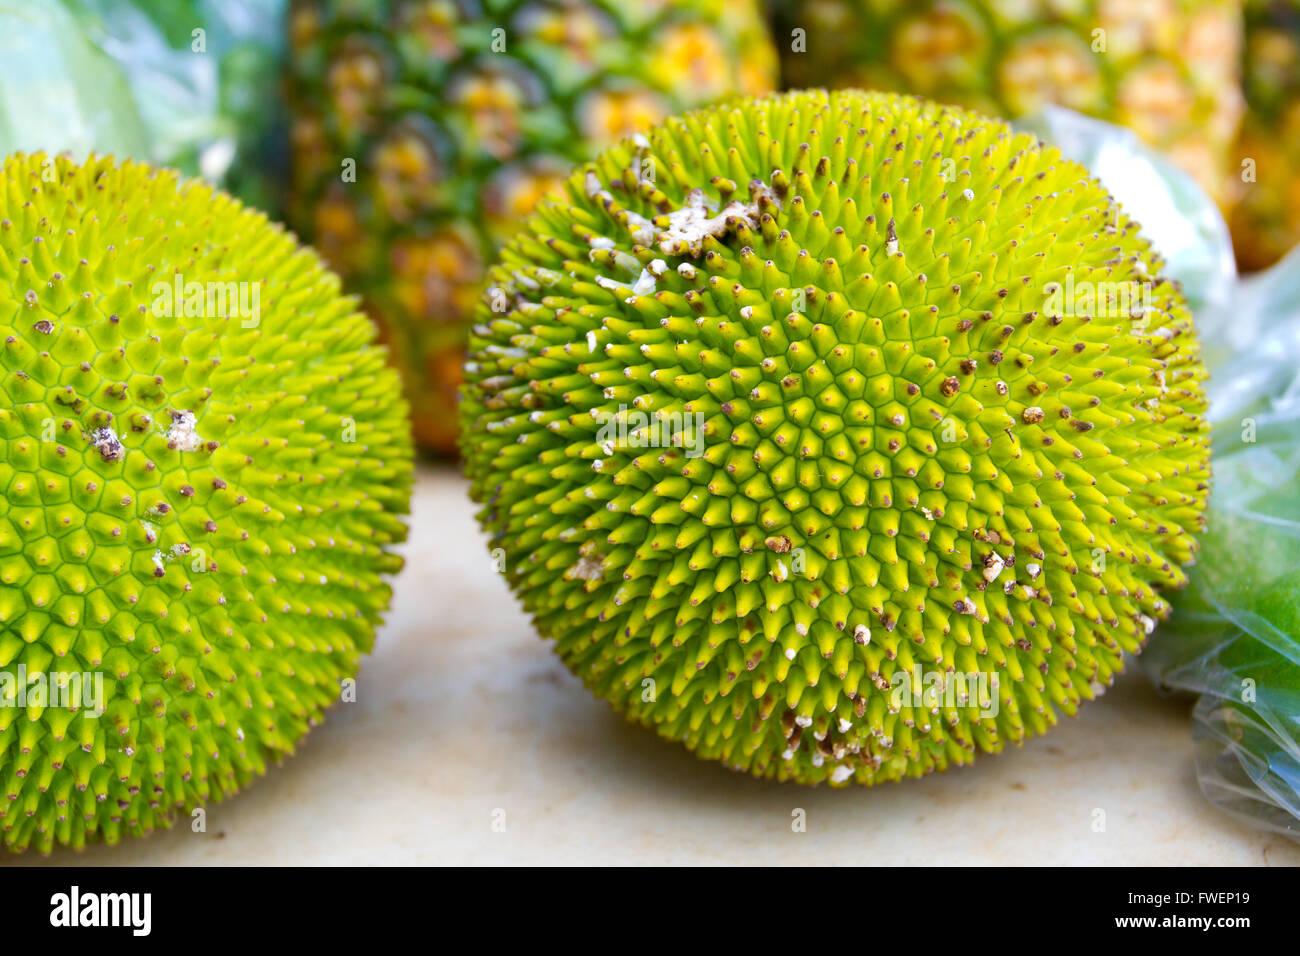 Bilder vom Bauernmarkt in Hawaii tropische Früchte oder Gemüse in ...